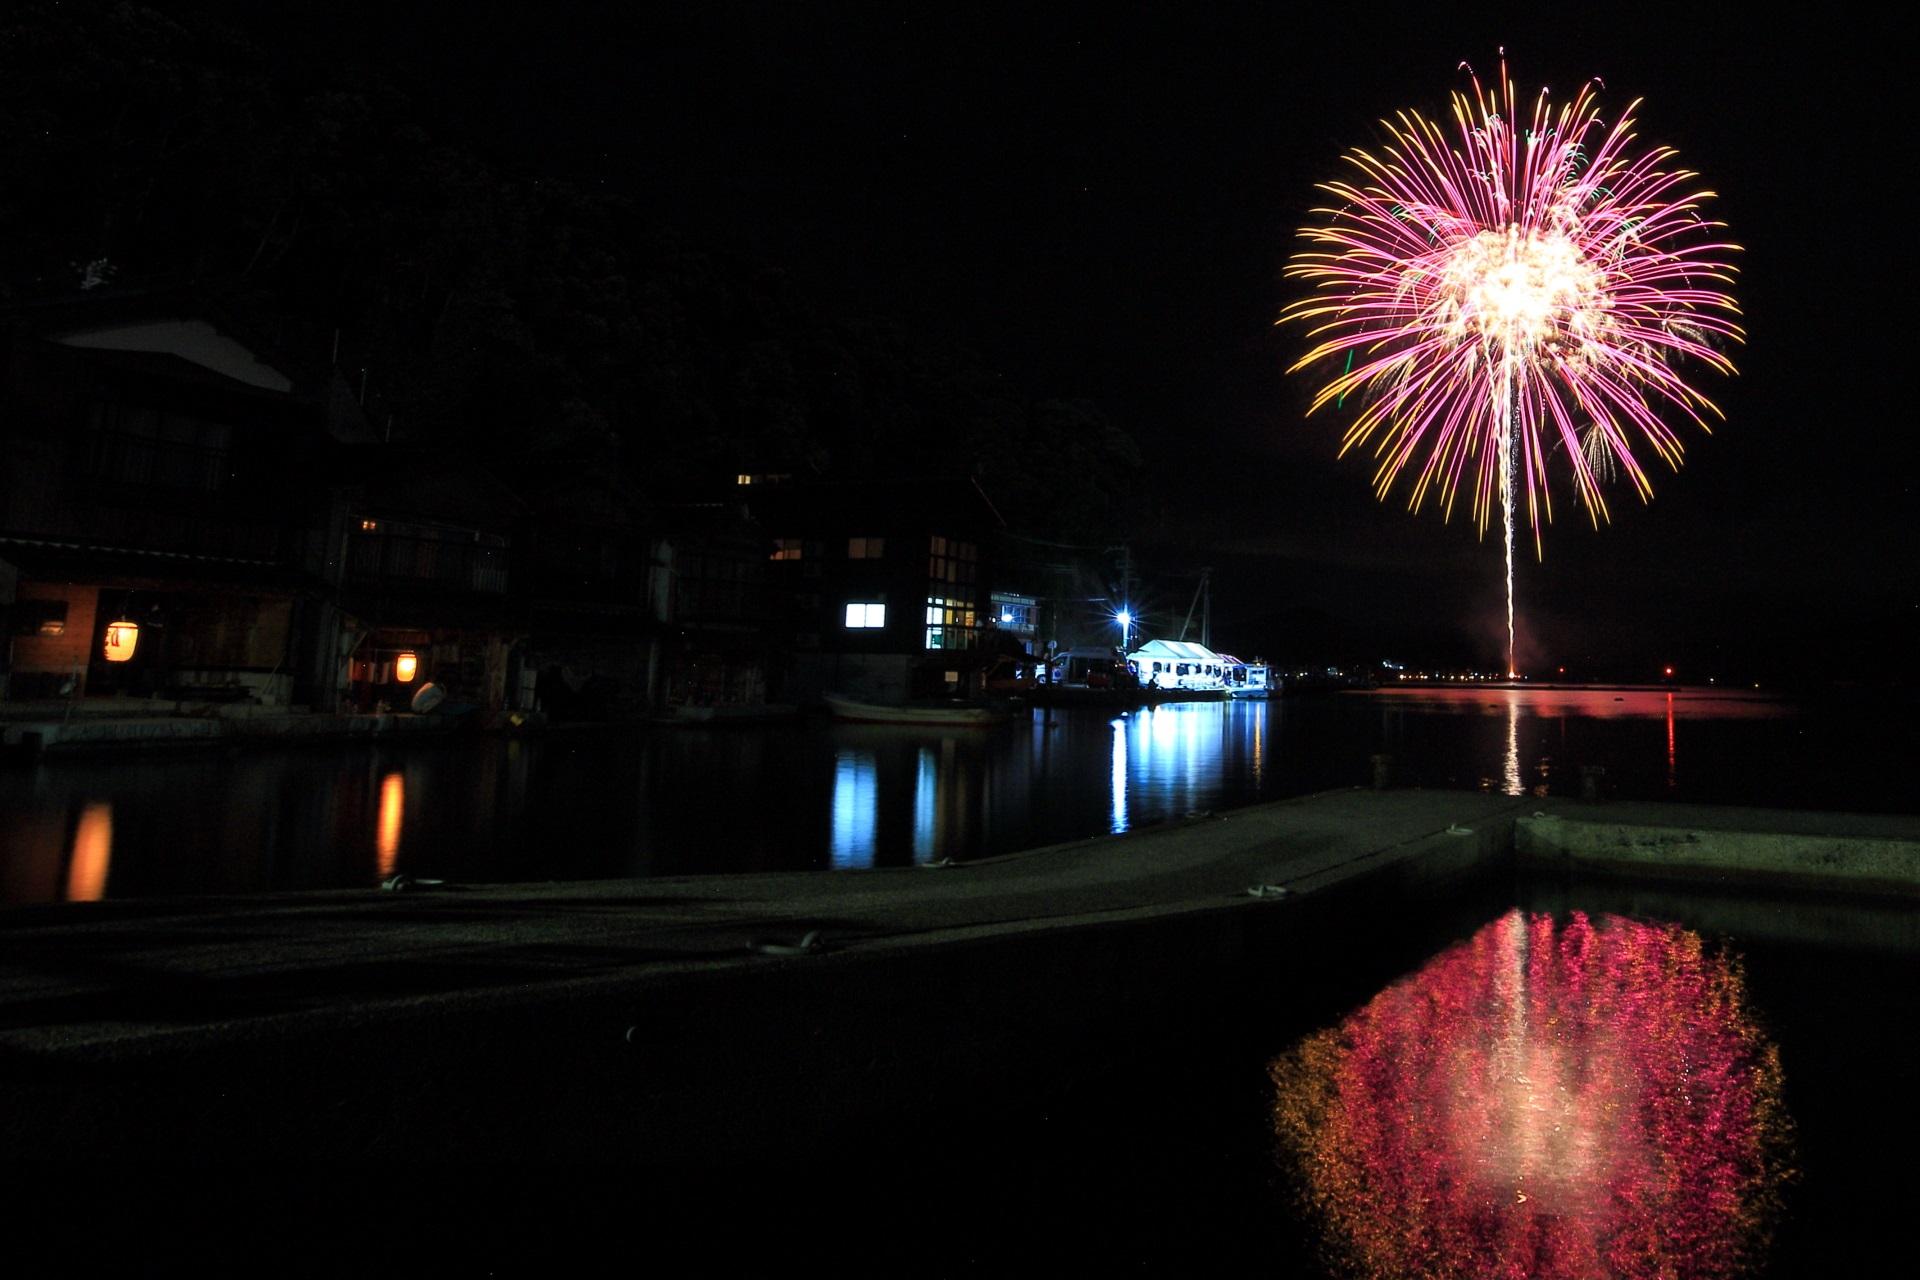 Ine Fireworks Festival in Kyoto